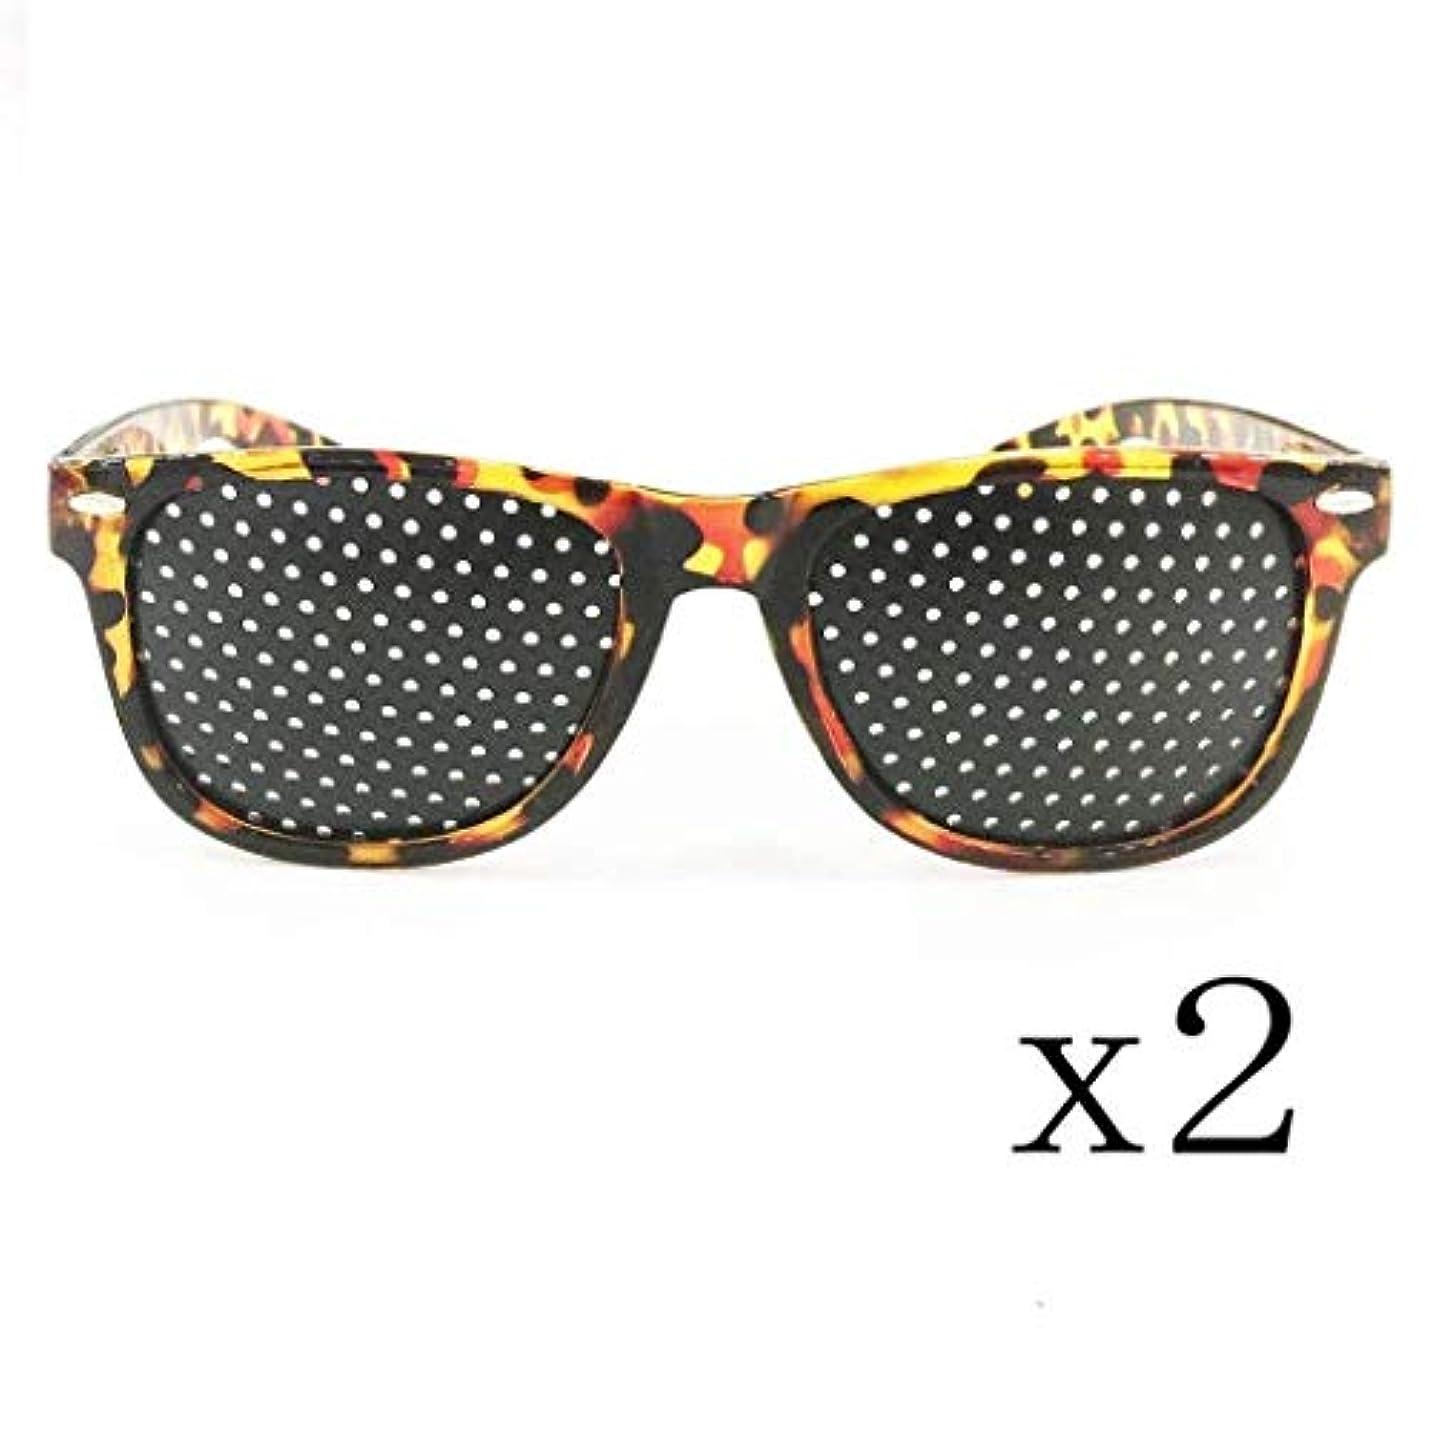 バス浜辺凶暴なピンホールメガネ、アイズエクササイズアイサイトビジョンメガネの改善ビジョンケアメガネ近視の防止メガネの改善